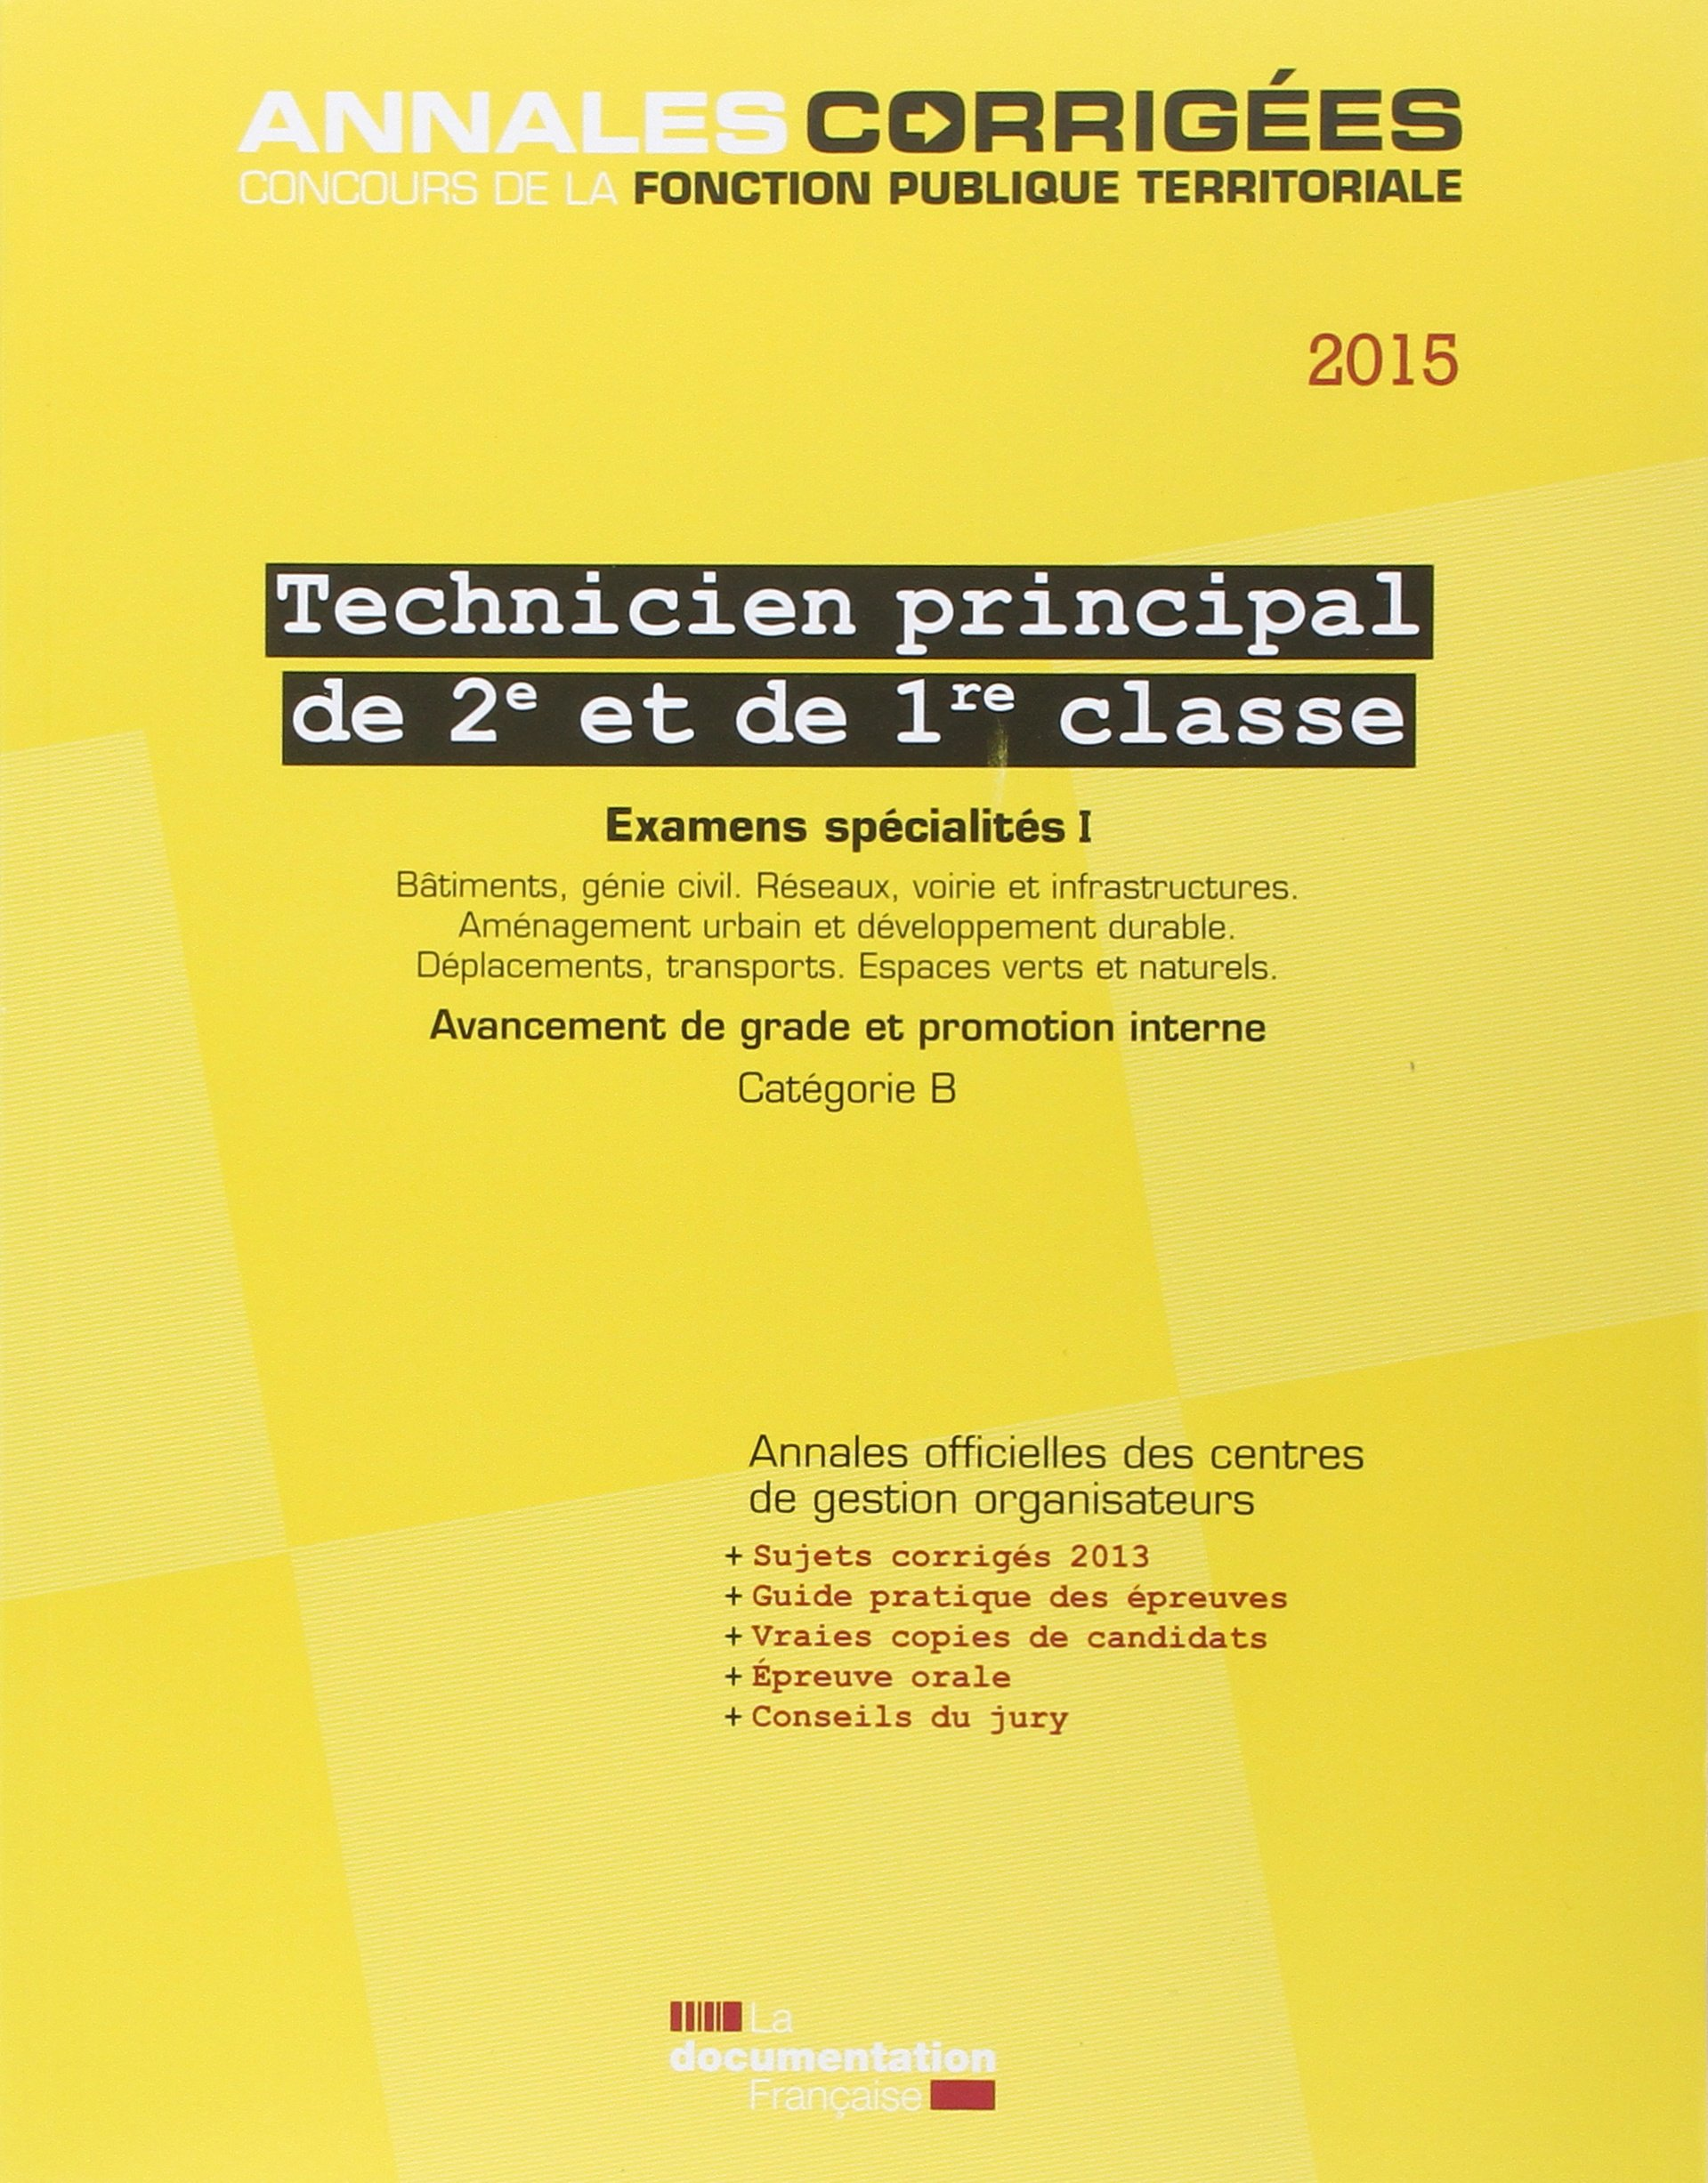 f9317fa7104 Amazon.fr - Technicien principal 2e et 1re classe   Examens spécialités I  2015 - CIG petite couronne - Livres